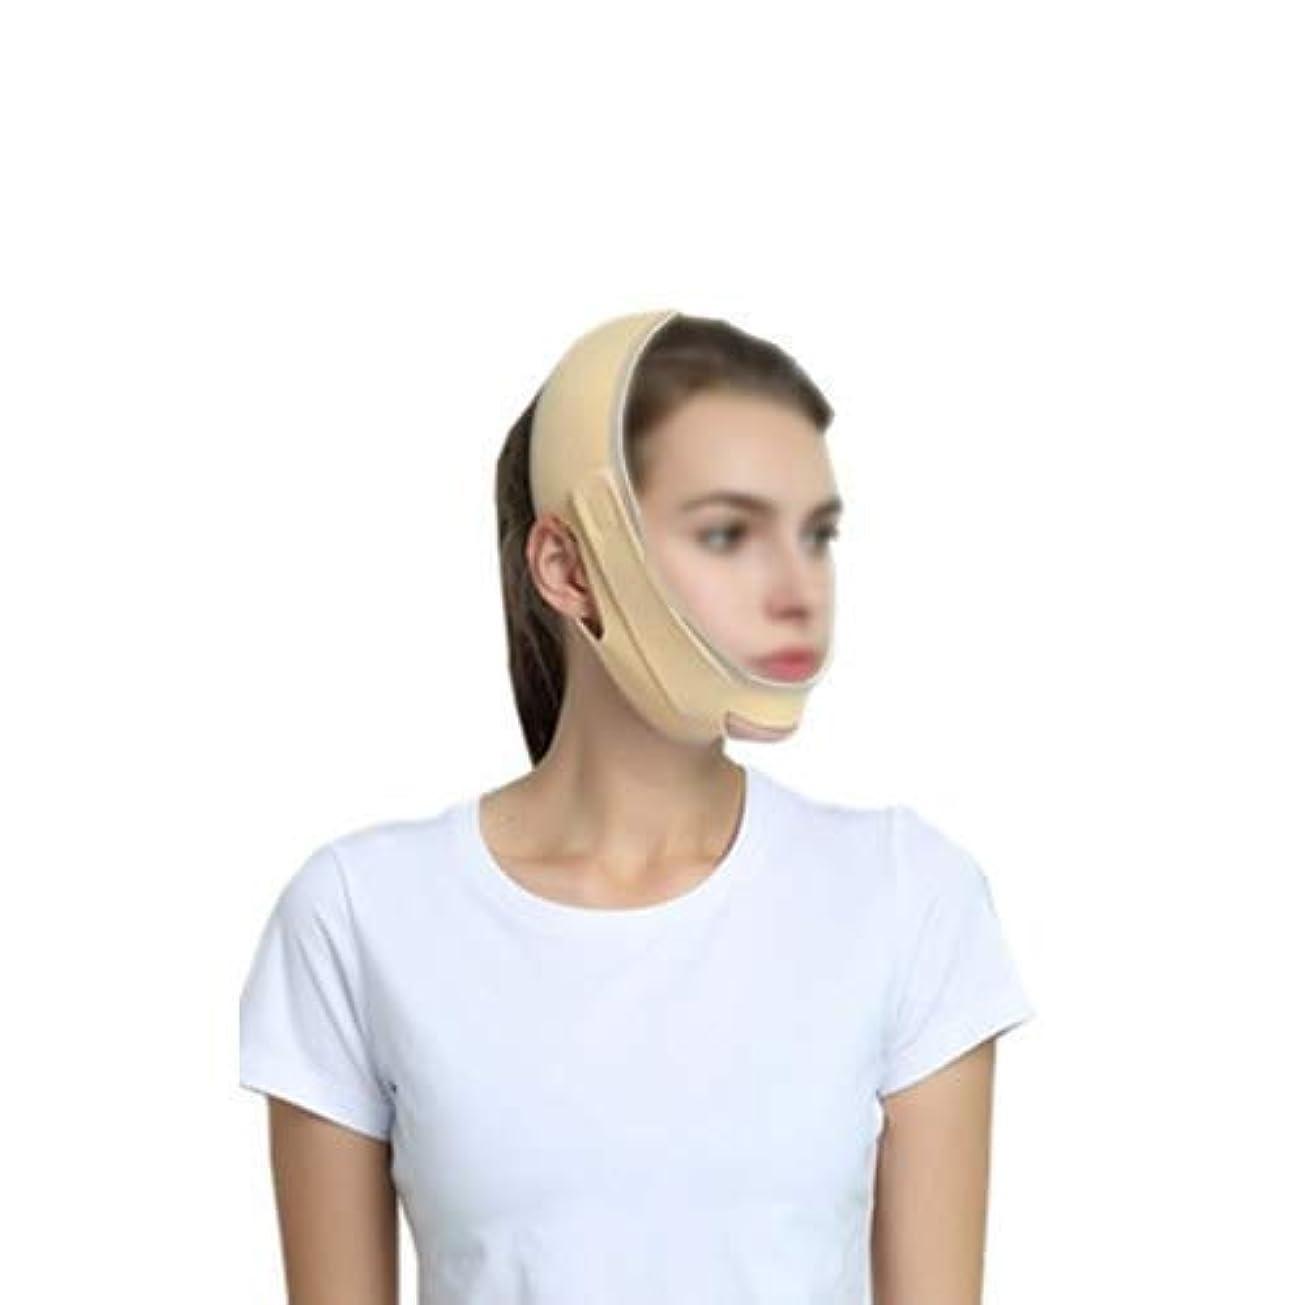 コードレス受け取るフレームワークフェイスリフトマスクフェイスアンドネックリフトポストエラスティックスリーブ下顎骨セットフェイスアーティファクトVフェイスフェイシャルフェイスバンドルダブルチンマスクブラックフェイスアーティファク(色:A)